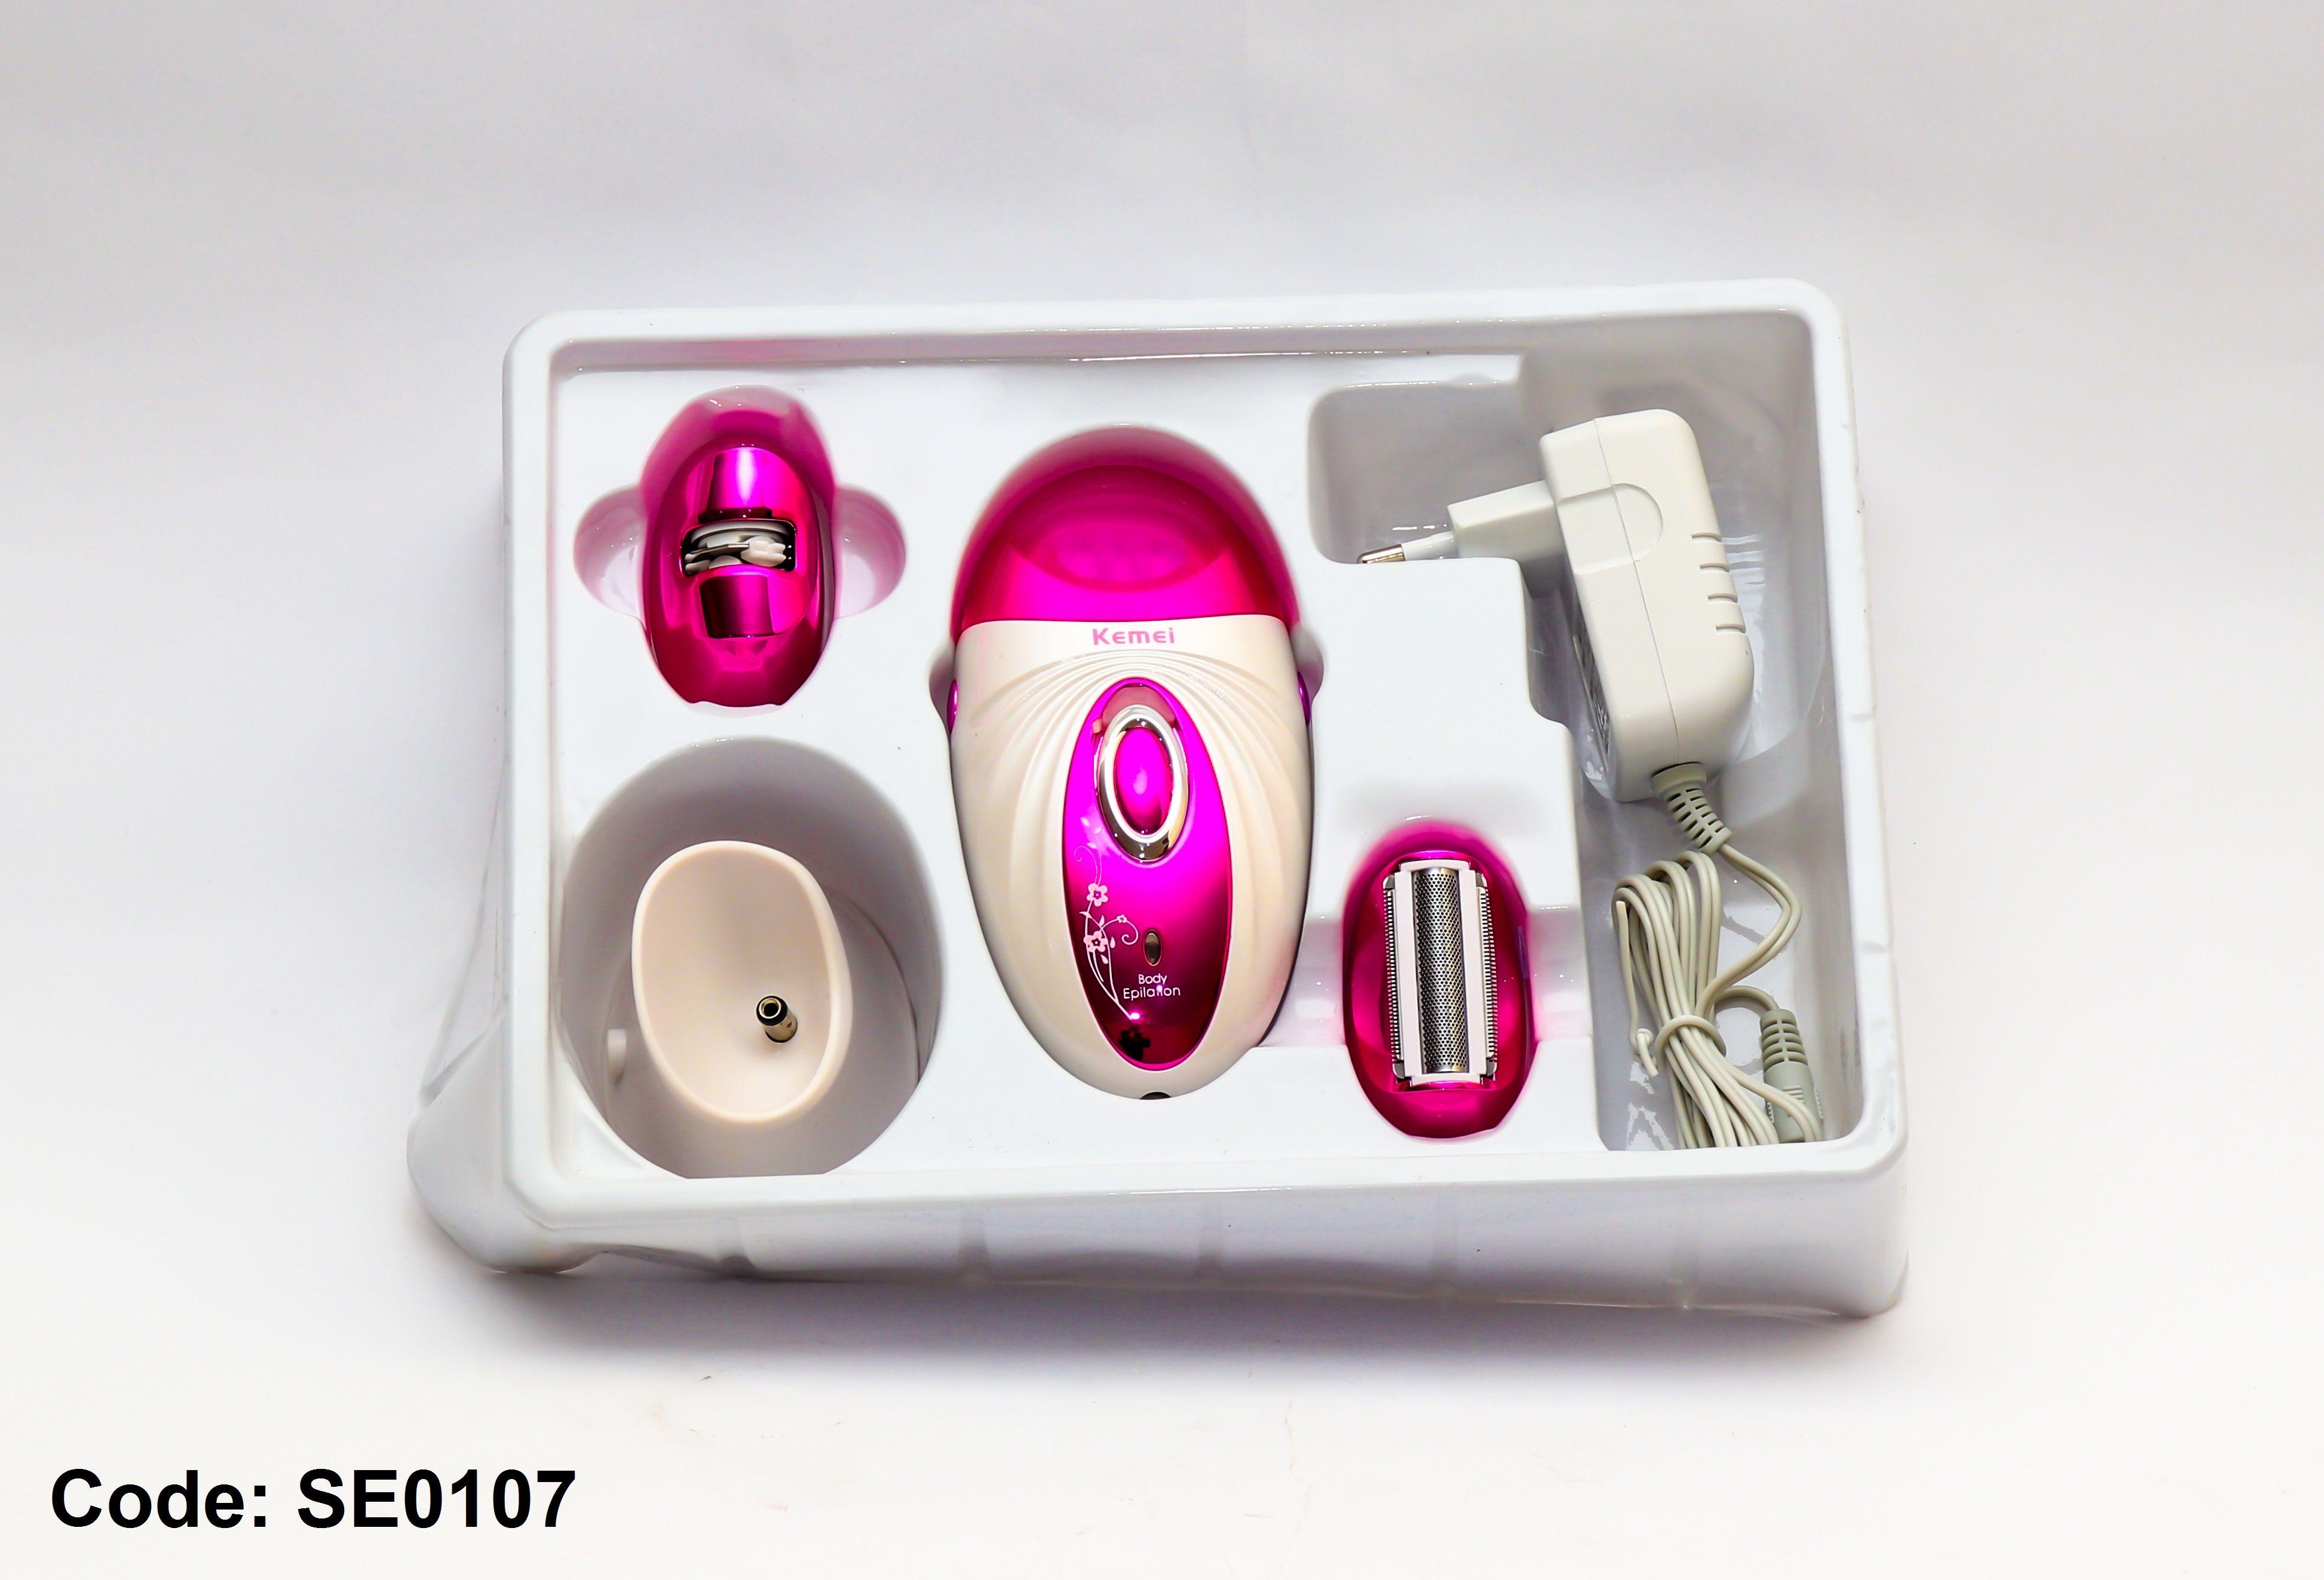 Kemei Km 205 Dry For Women Epilators بسعر 290ج بدل من 350ج Epilators Electronic Products Earbuds